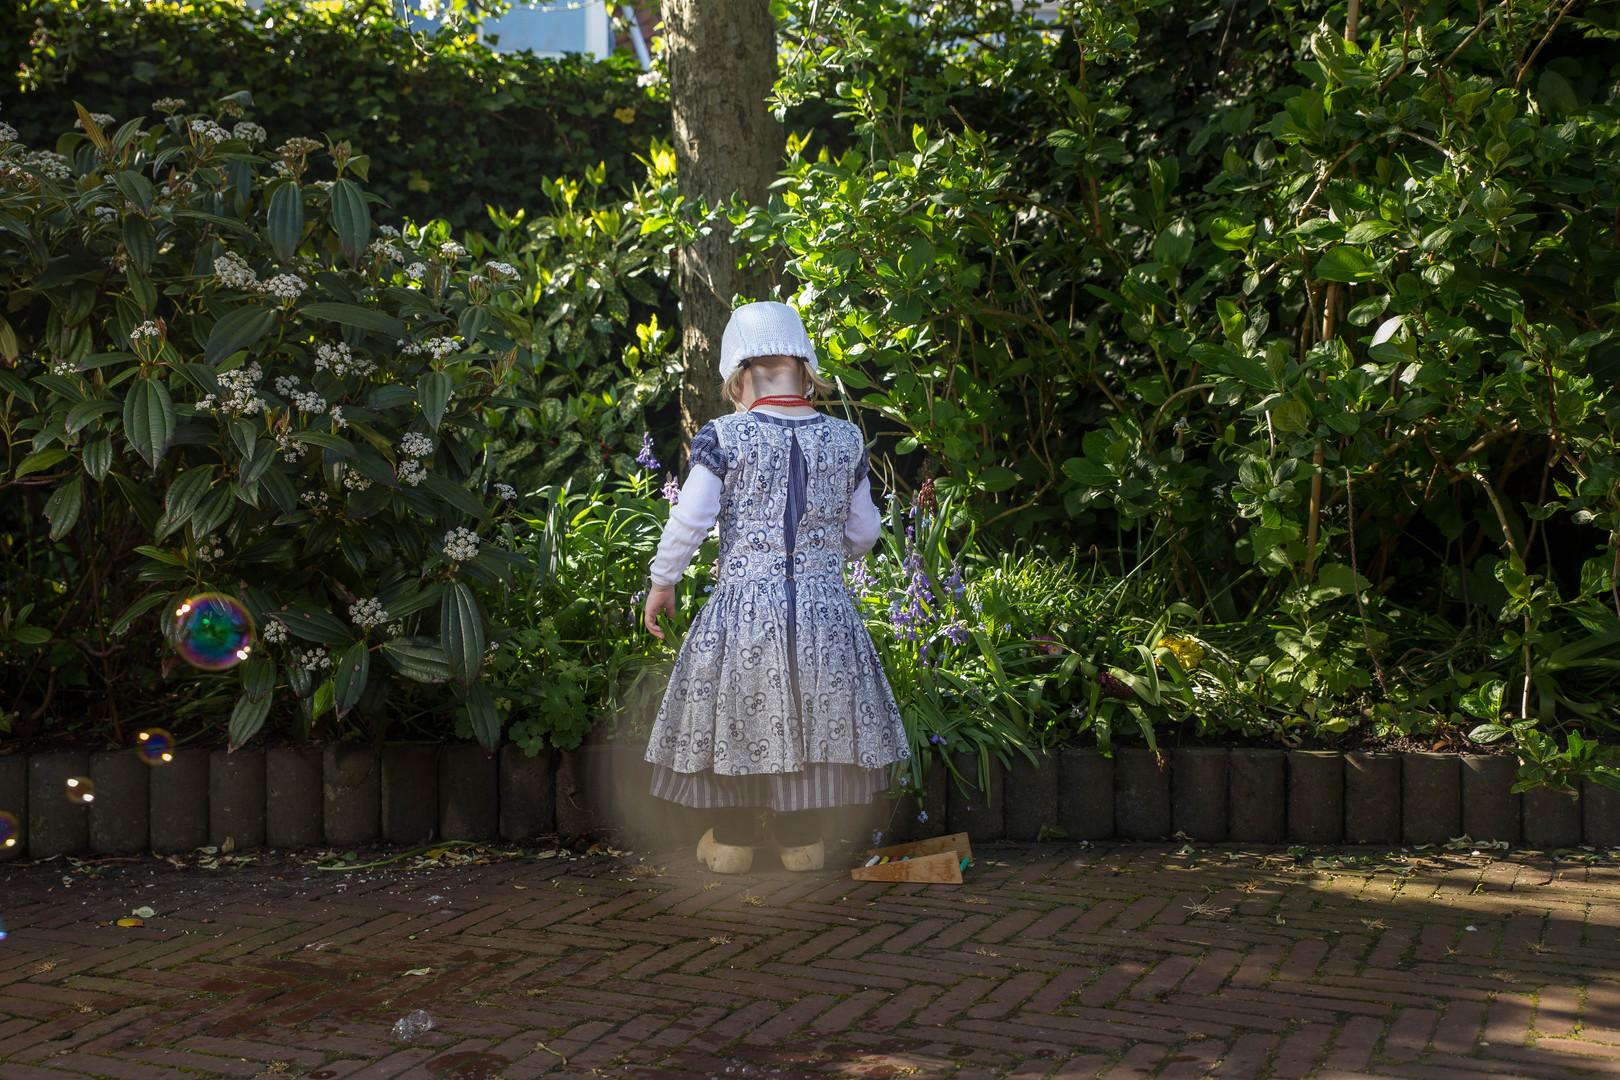 Klederdracht Zeeland meisje